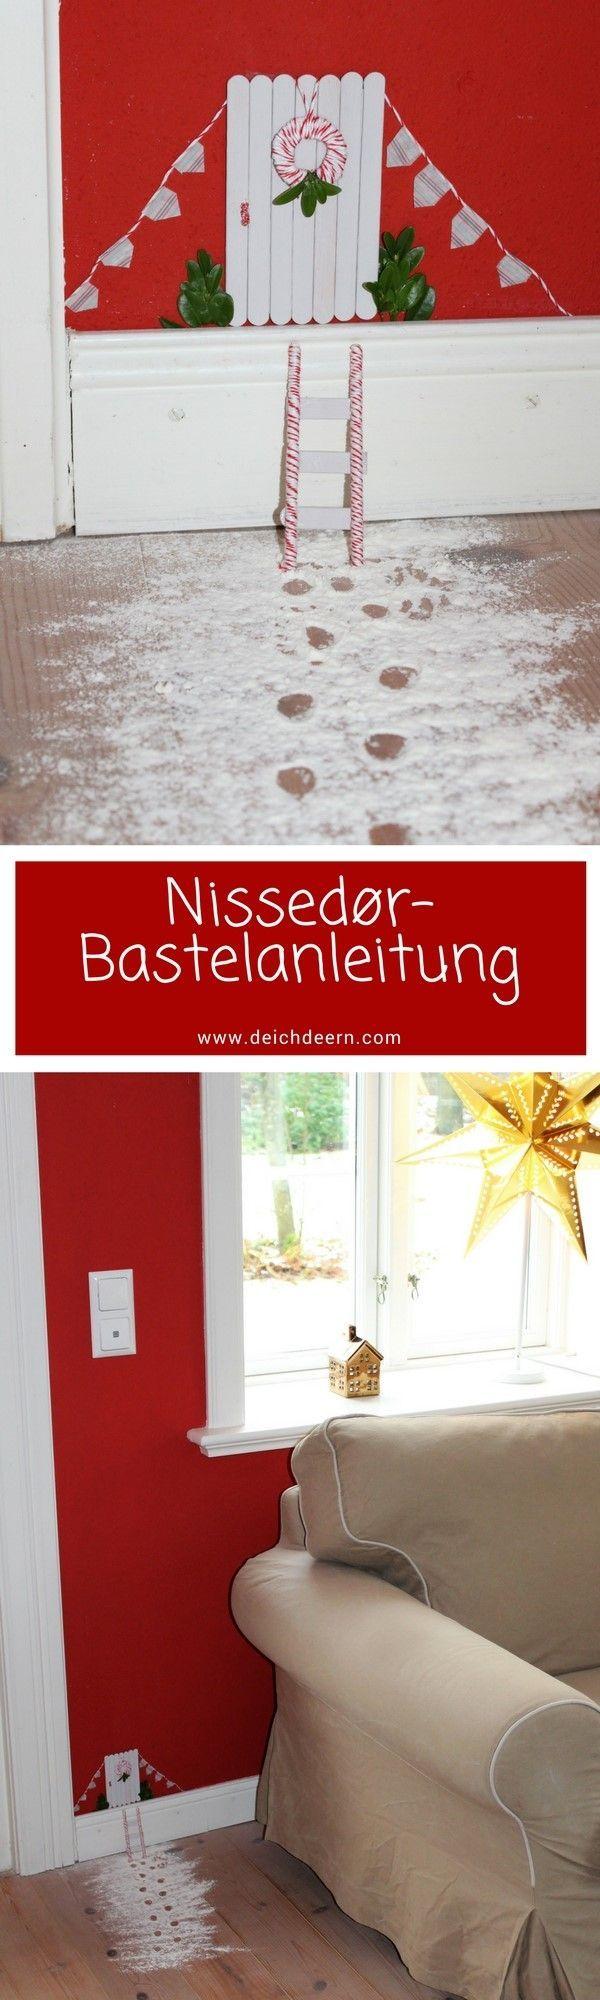 Weihnachten und noch keine Nissedør? Hier gibt es die Wichteltür-Anleitung – – Janina Ennen-Wetz